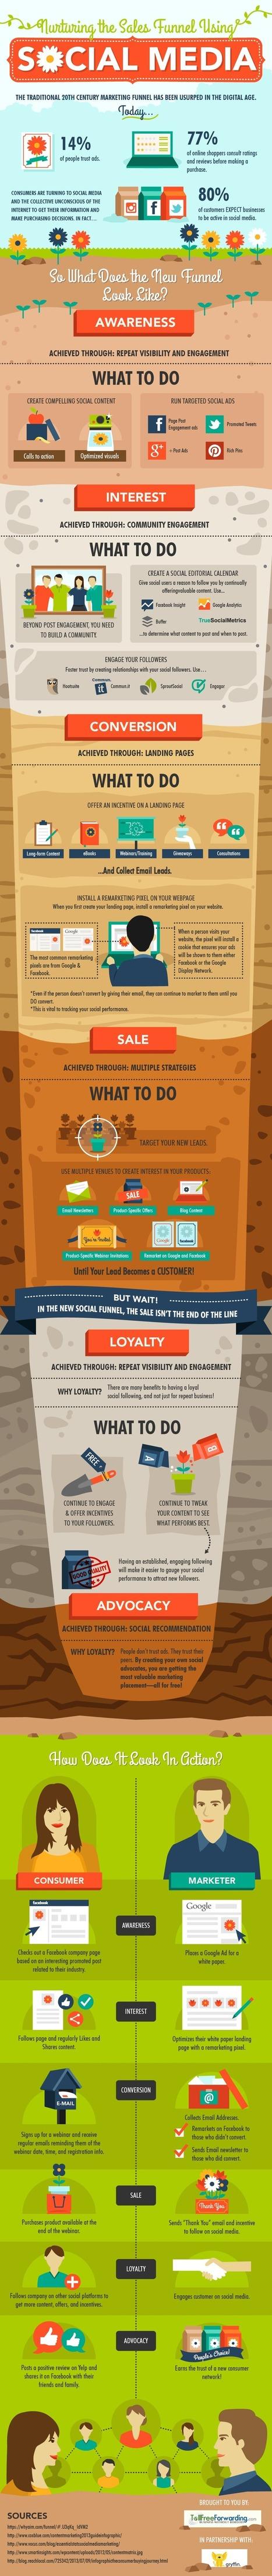 6 Steps to Nurturing the Sales Funnel with Social Media | Optimisation des médias sociaux | Scoop.it